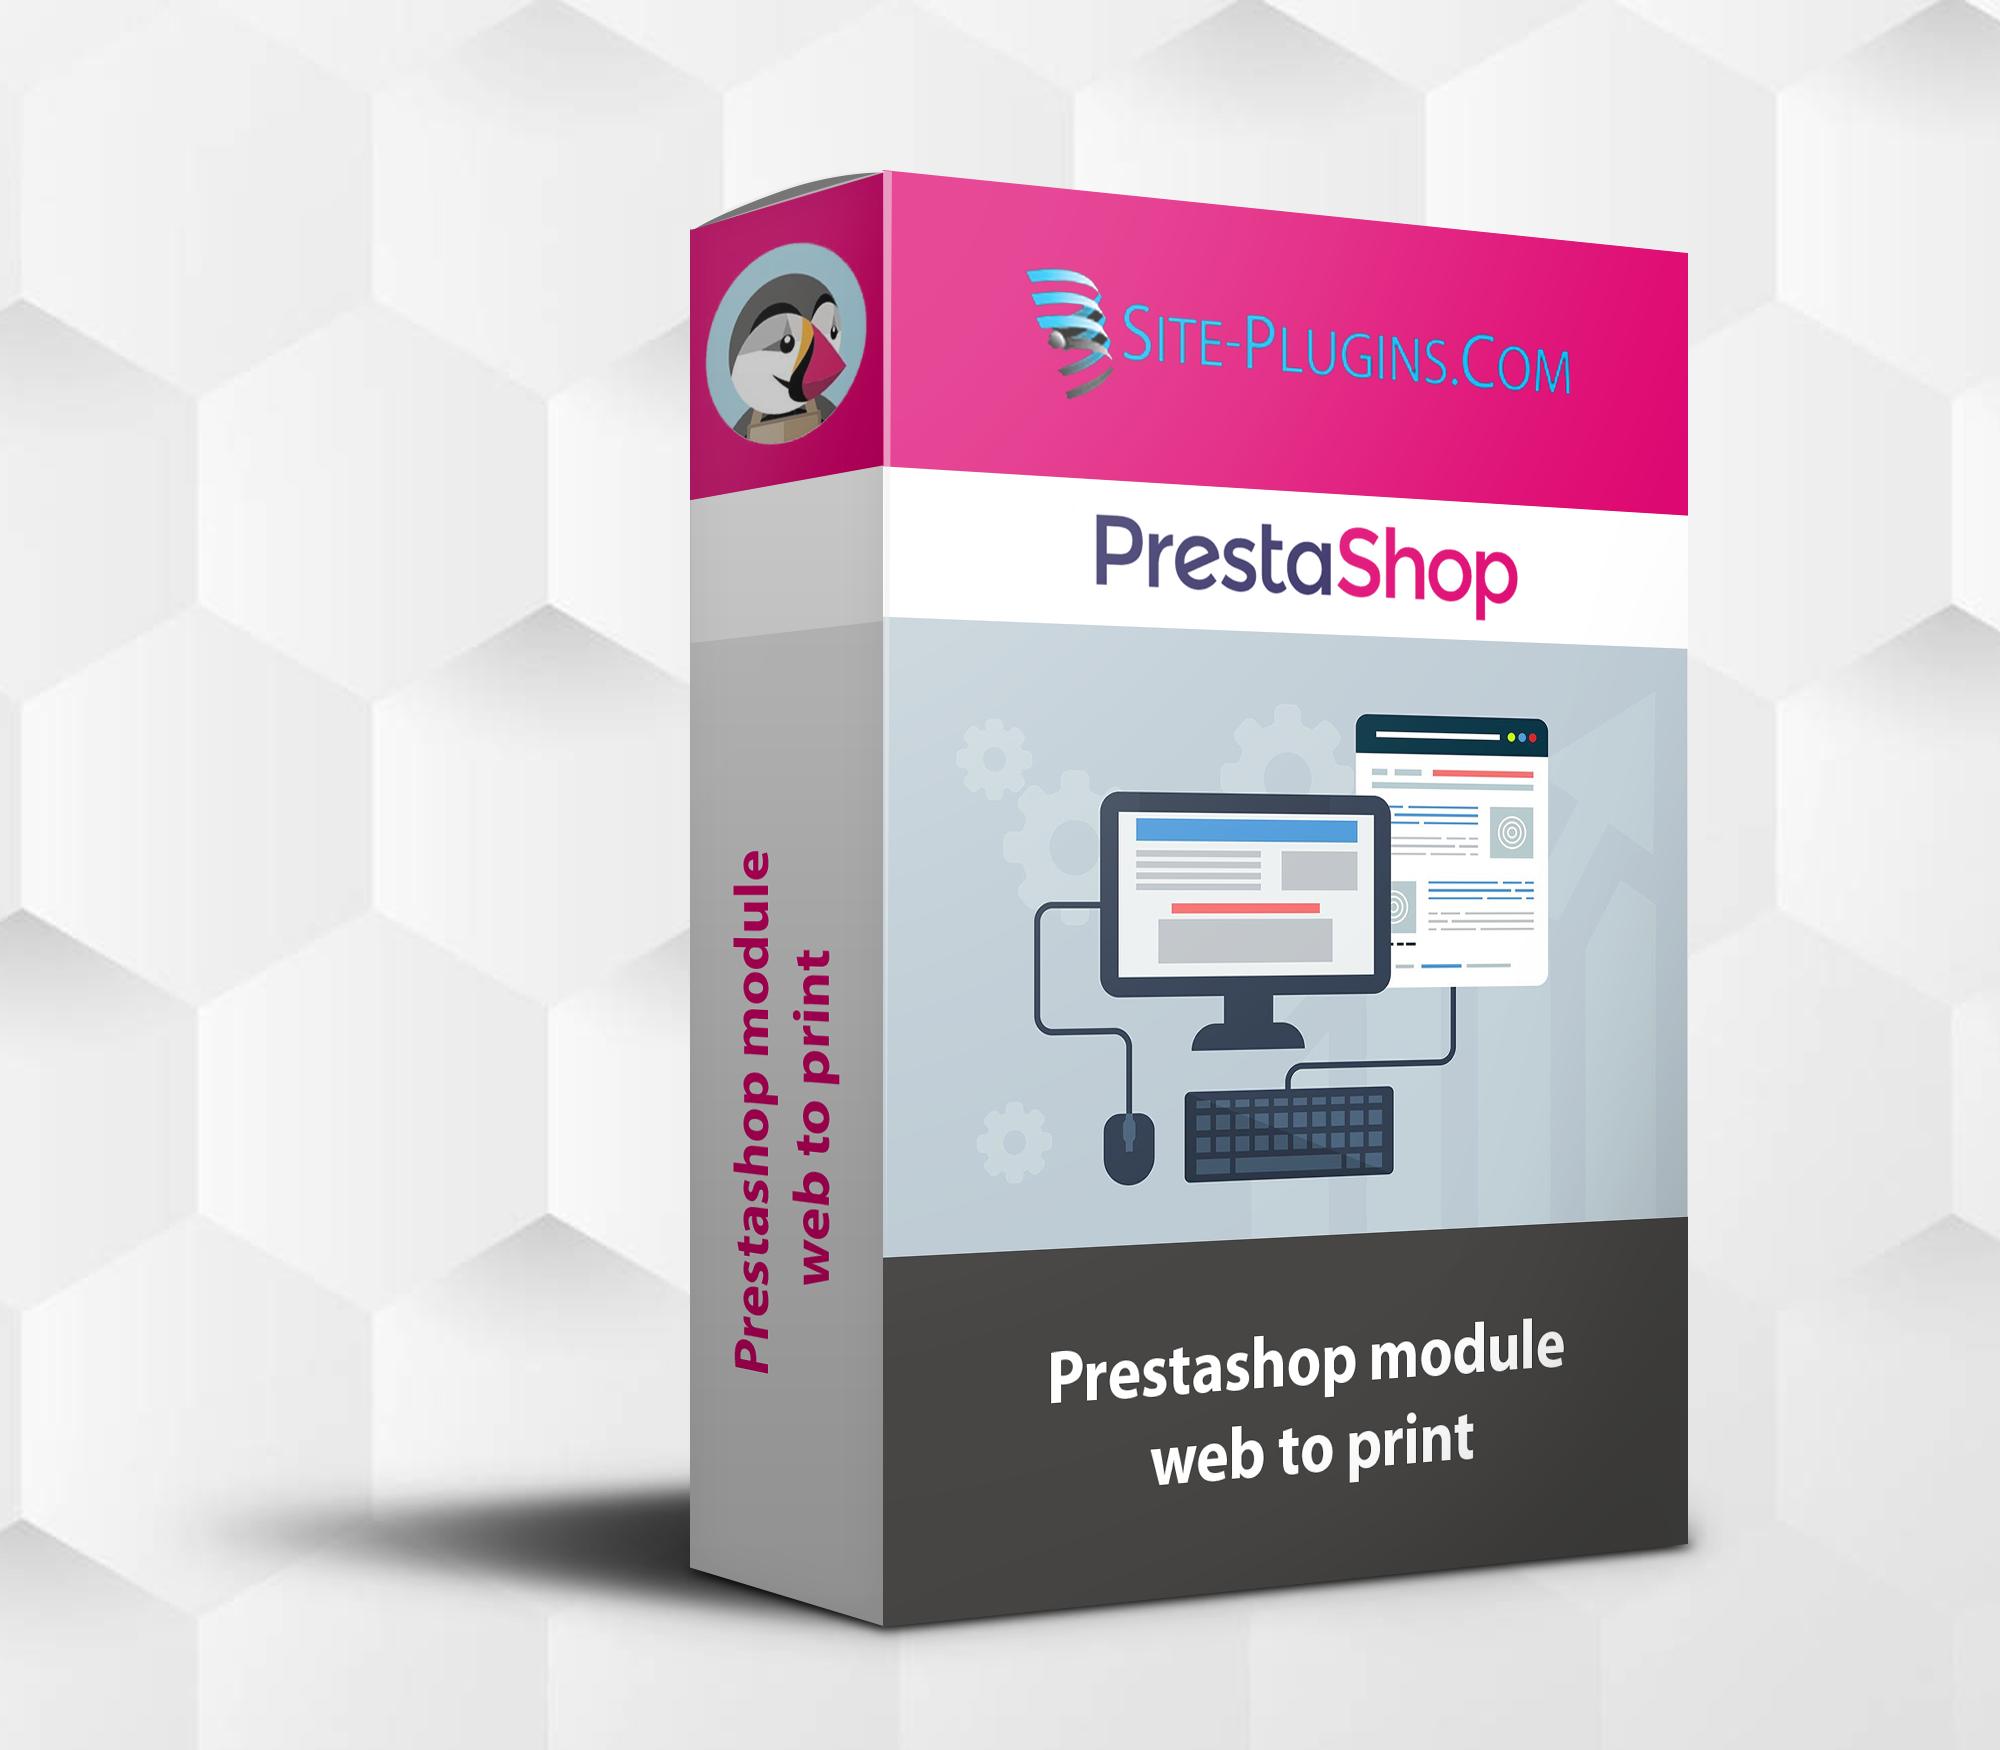 prestashop module web to print